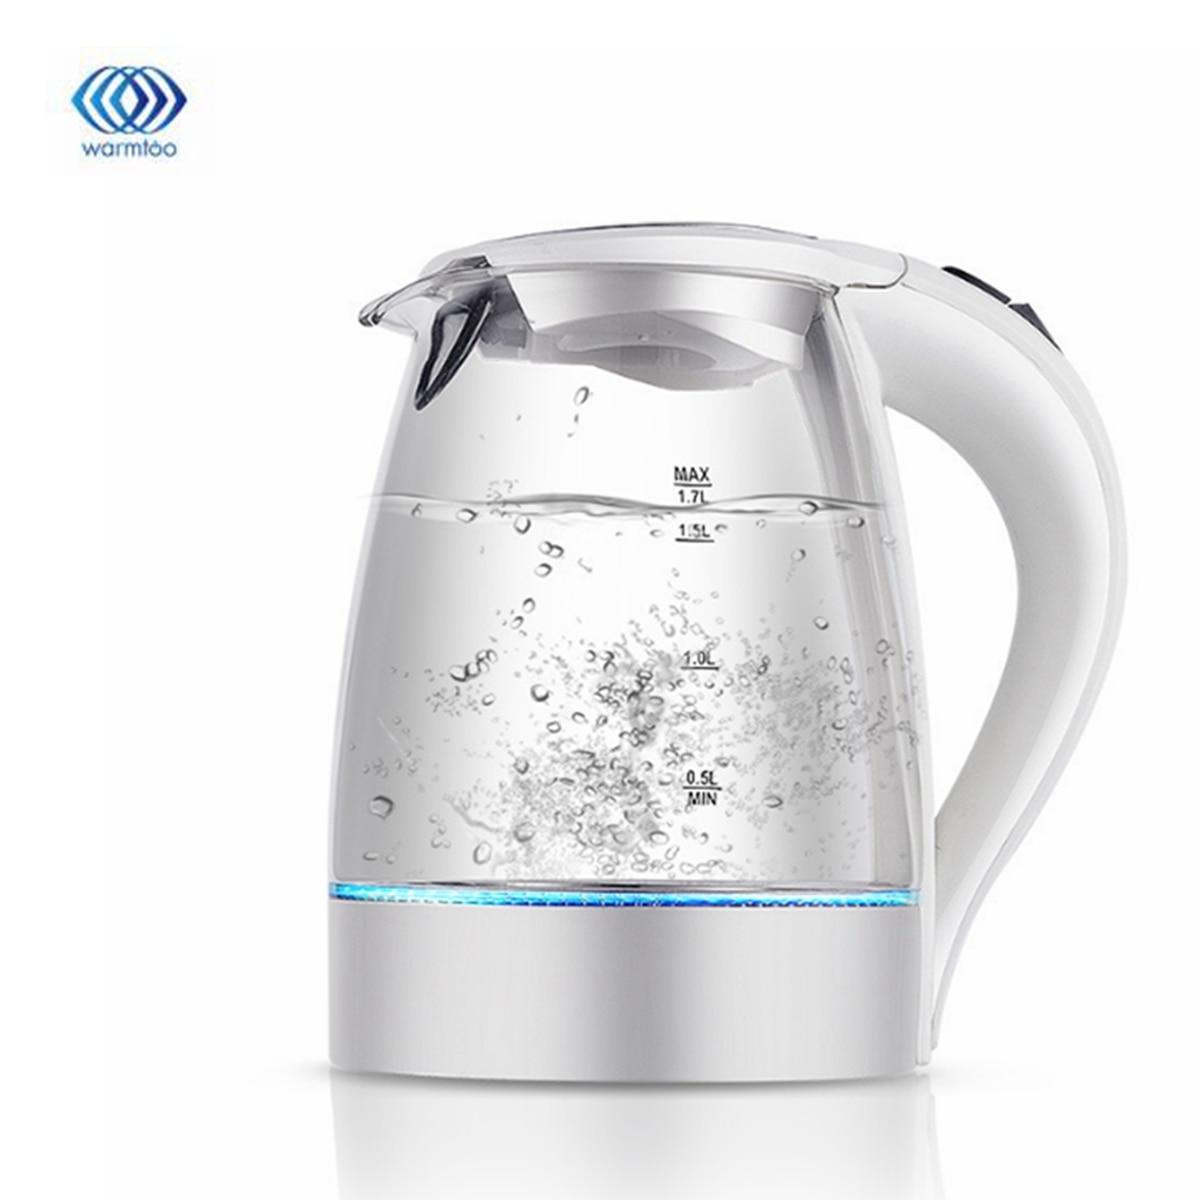 1.7L 2200 Вт Светодиодный стеклянный чайник с подсветкой, Электрический быстрый сварочный беспроводной электрический чайник, электрический чайник, чайник, смарт чайник, кухня